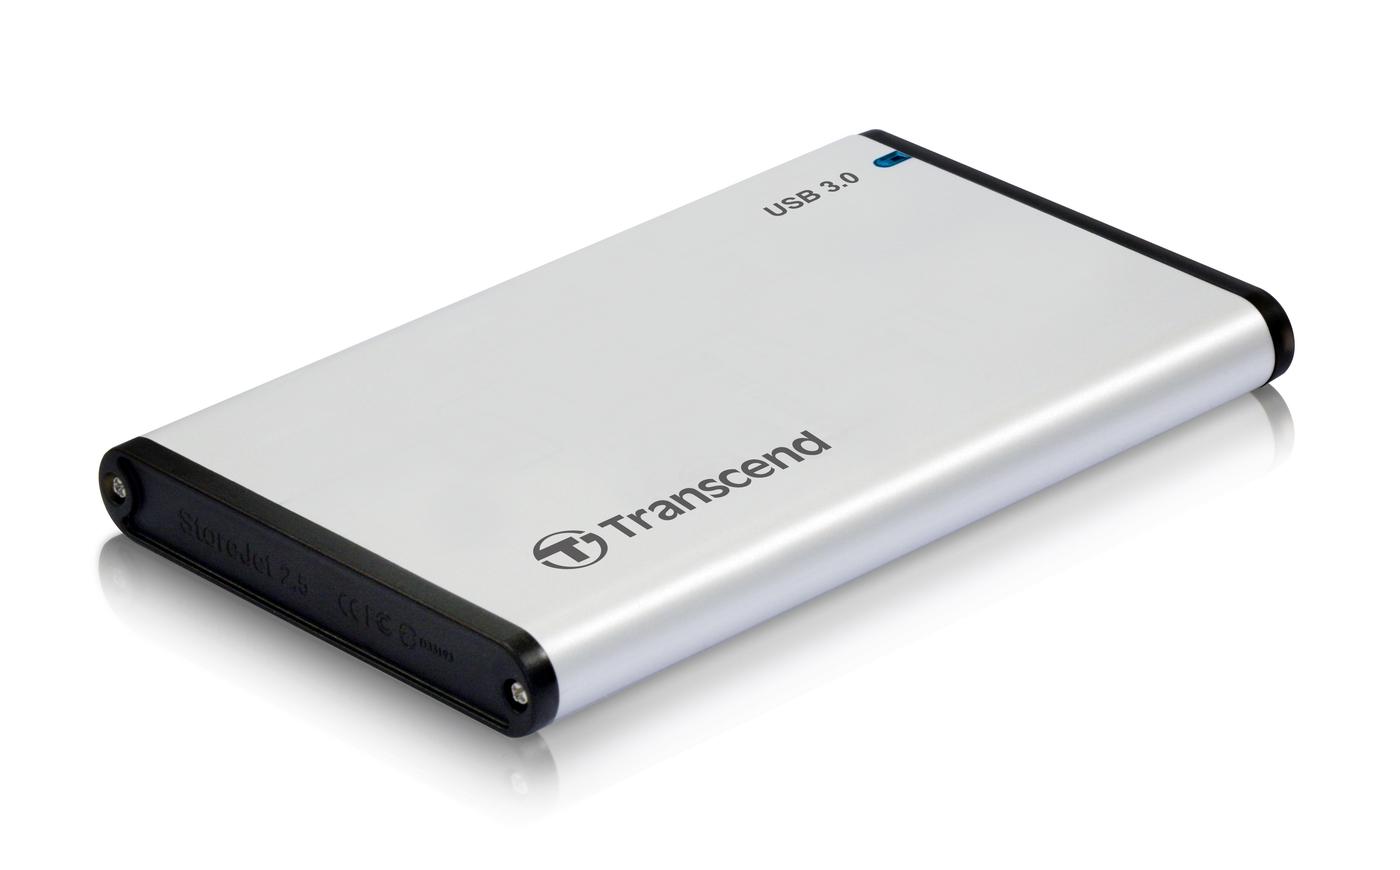 """Transcend StoreJet 25S3 externí rámeček pro 2.5"""" HDD/SSD, SATA III, USB 3.0, celohliníkový, stříbrný"""